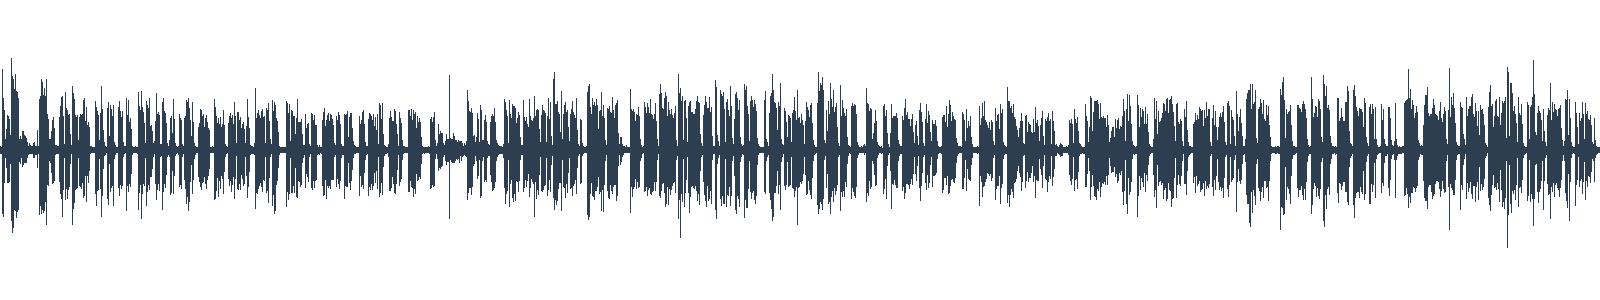 3. veľkonočná nedeľa waveform